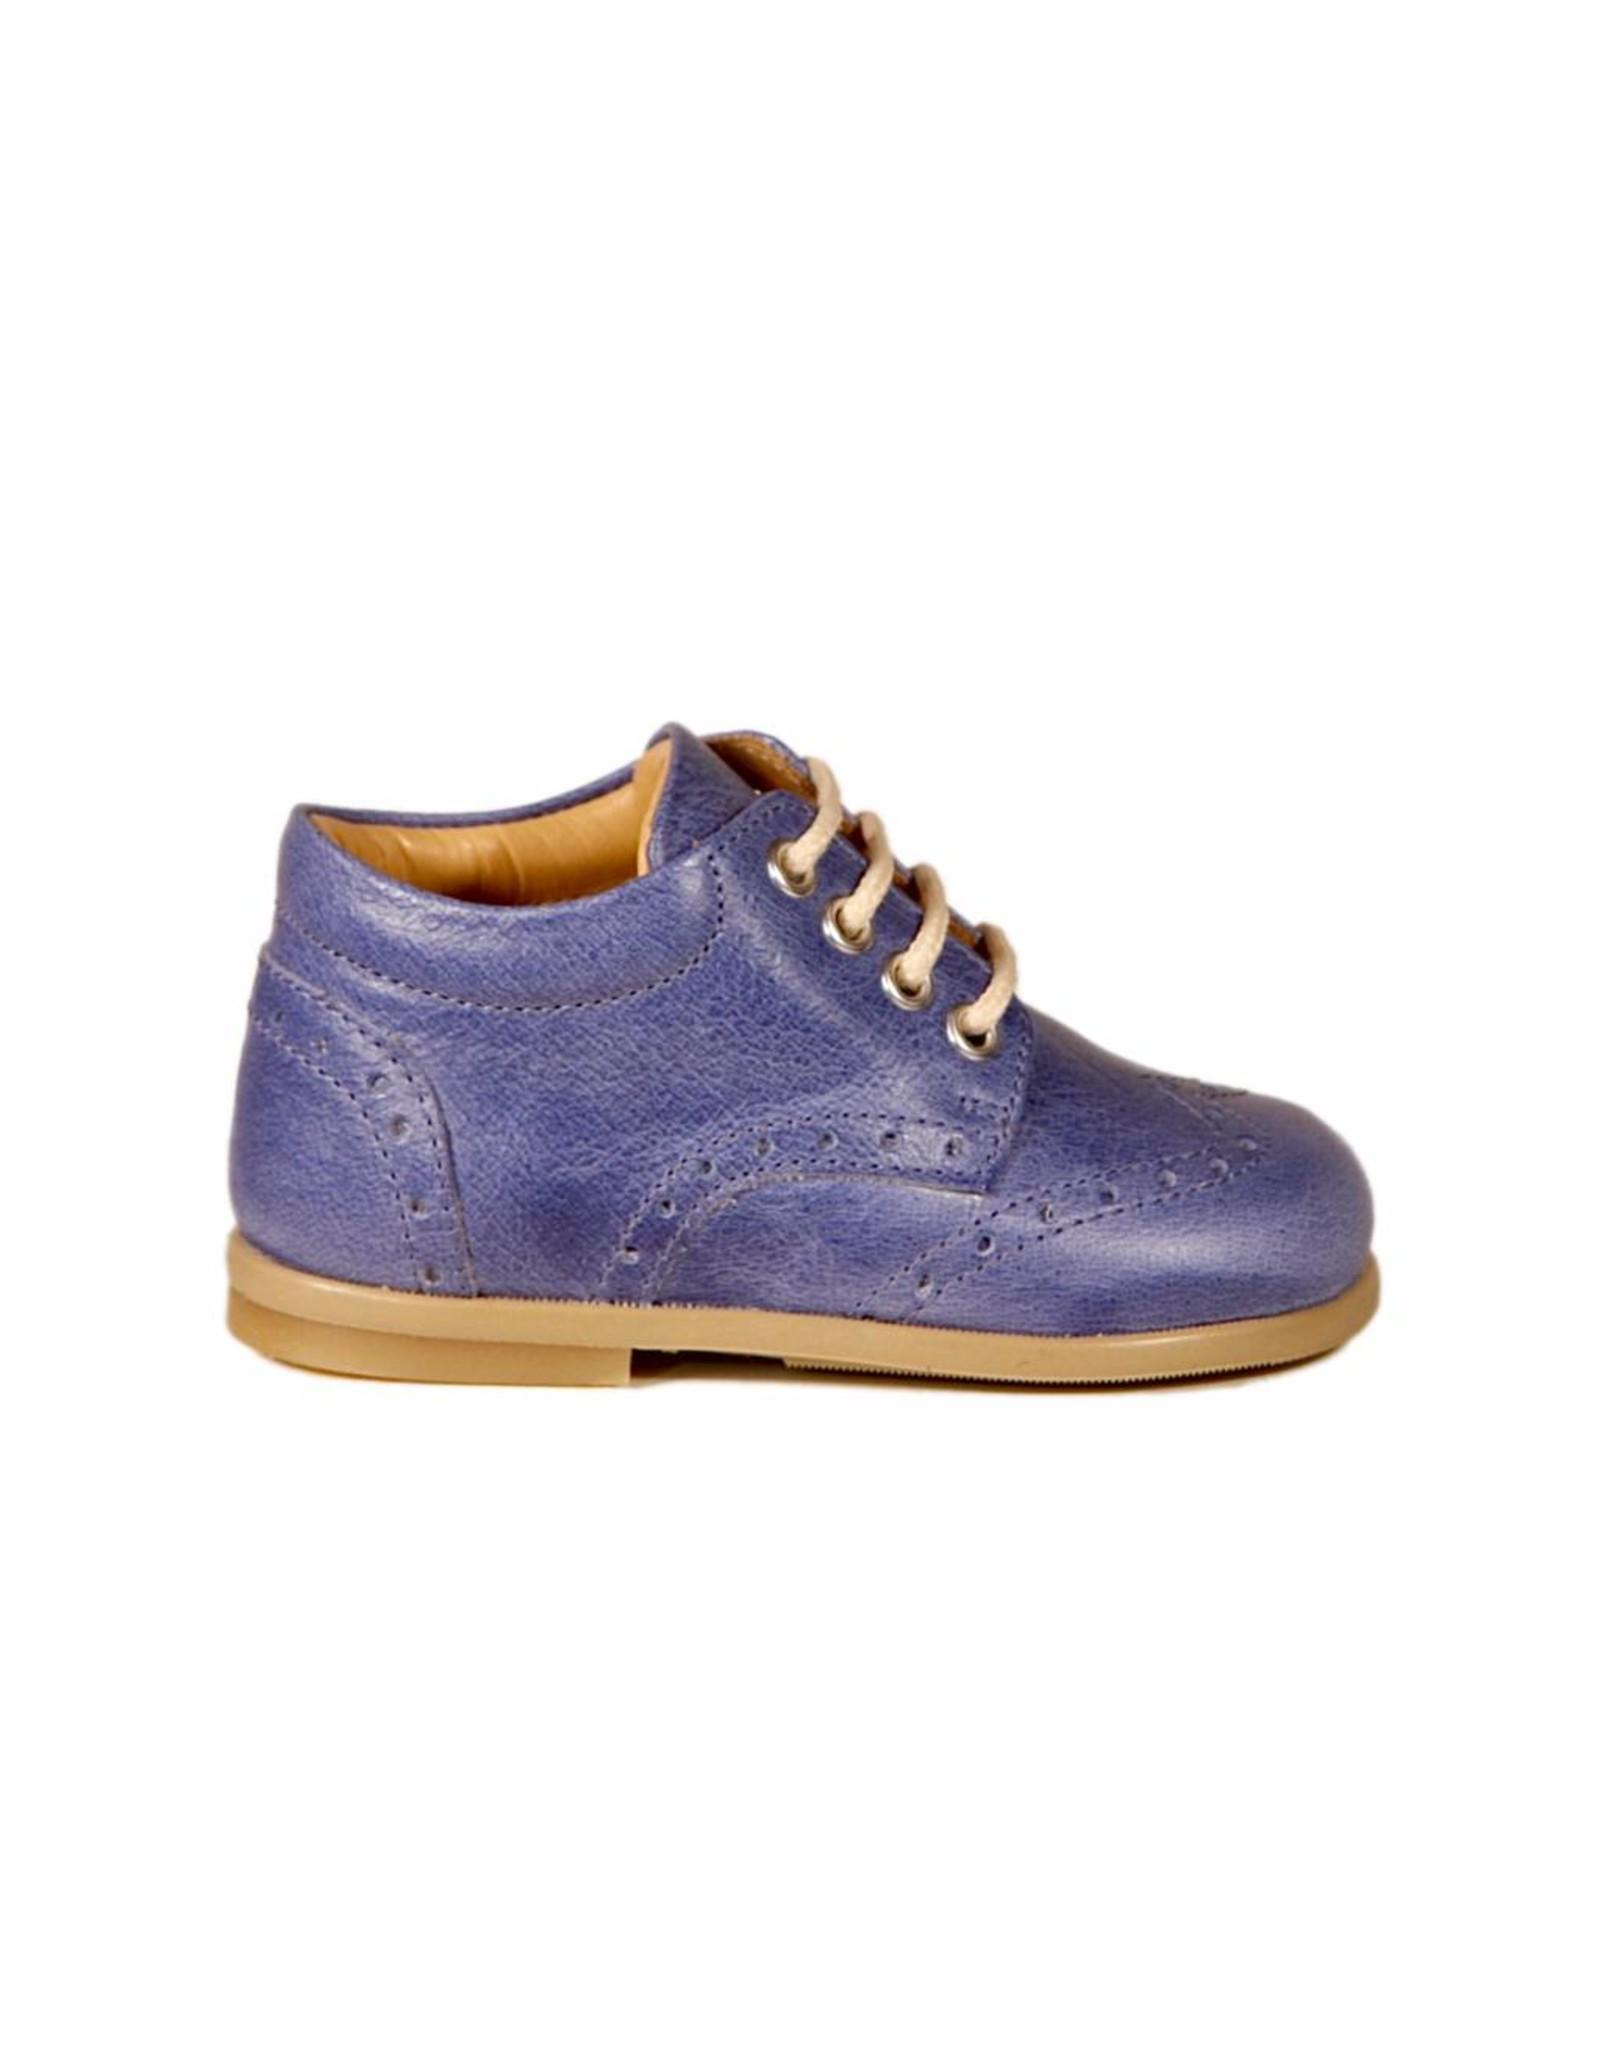 Zecchino d'oro N1-1175 blue